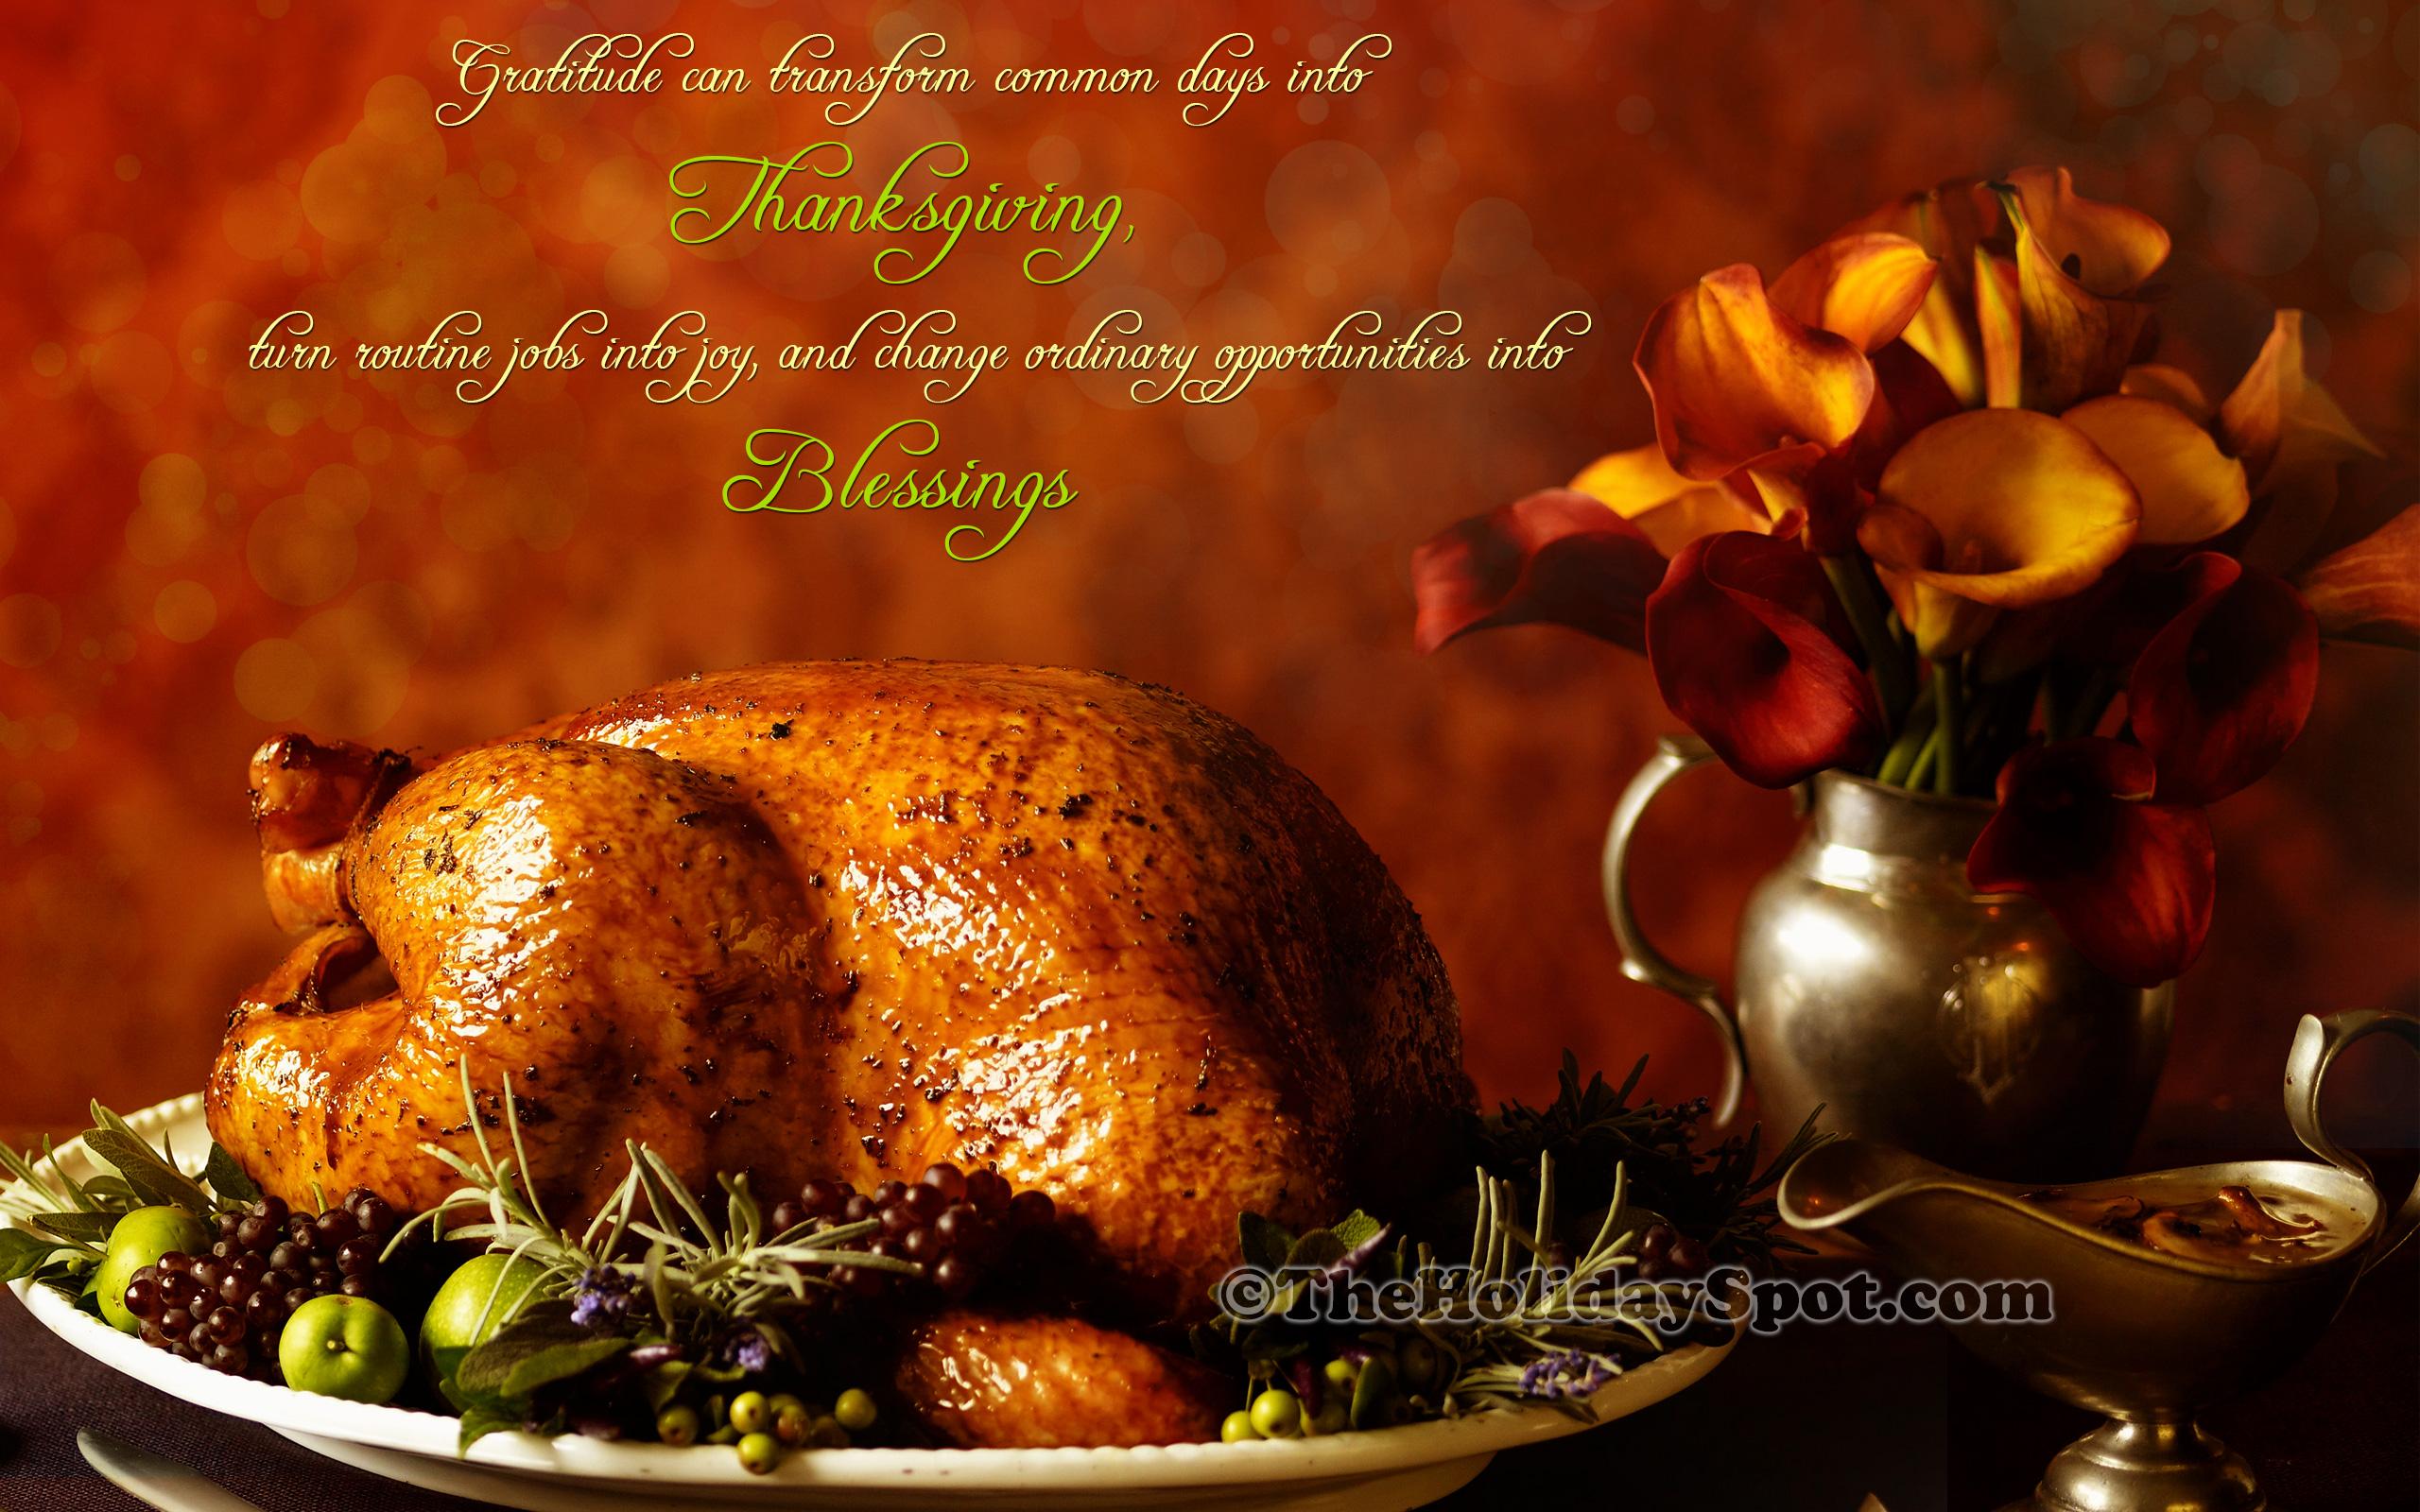 Thanksgiving Backgrounds - Thanksgiving Wallpaper Hd - HD Wallpaper